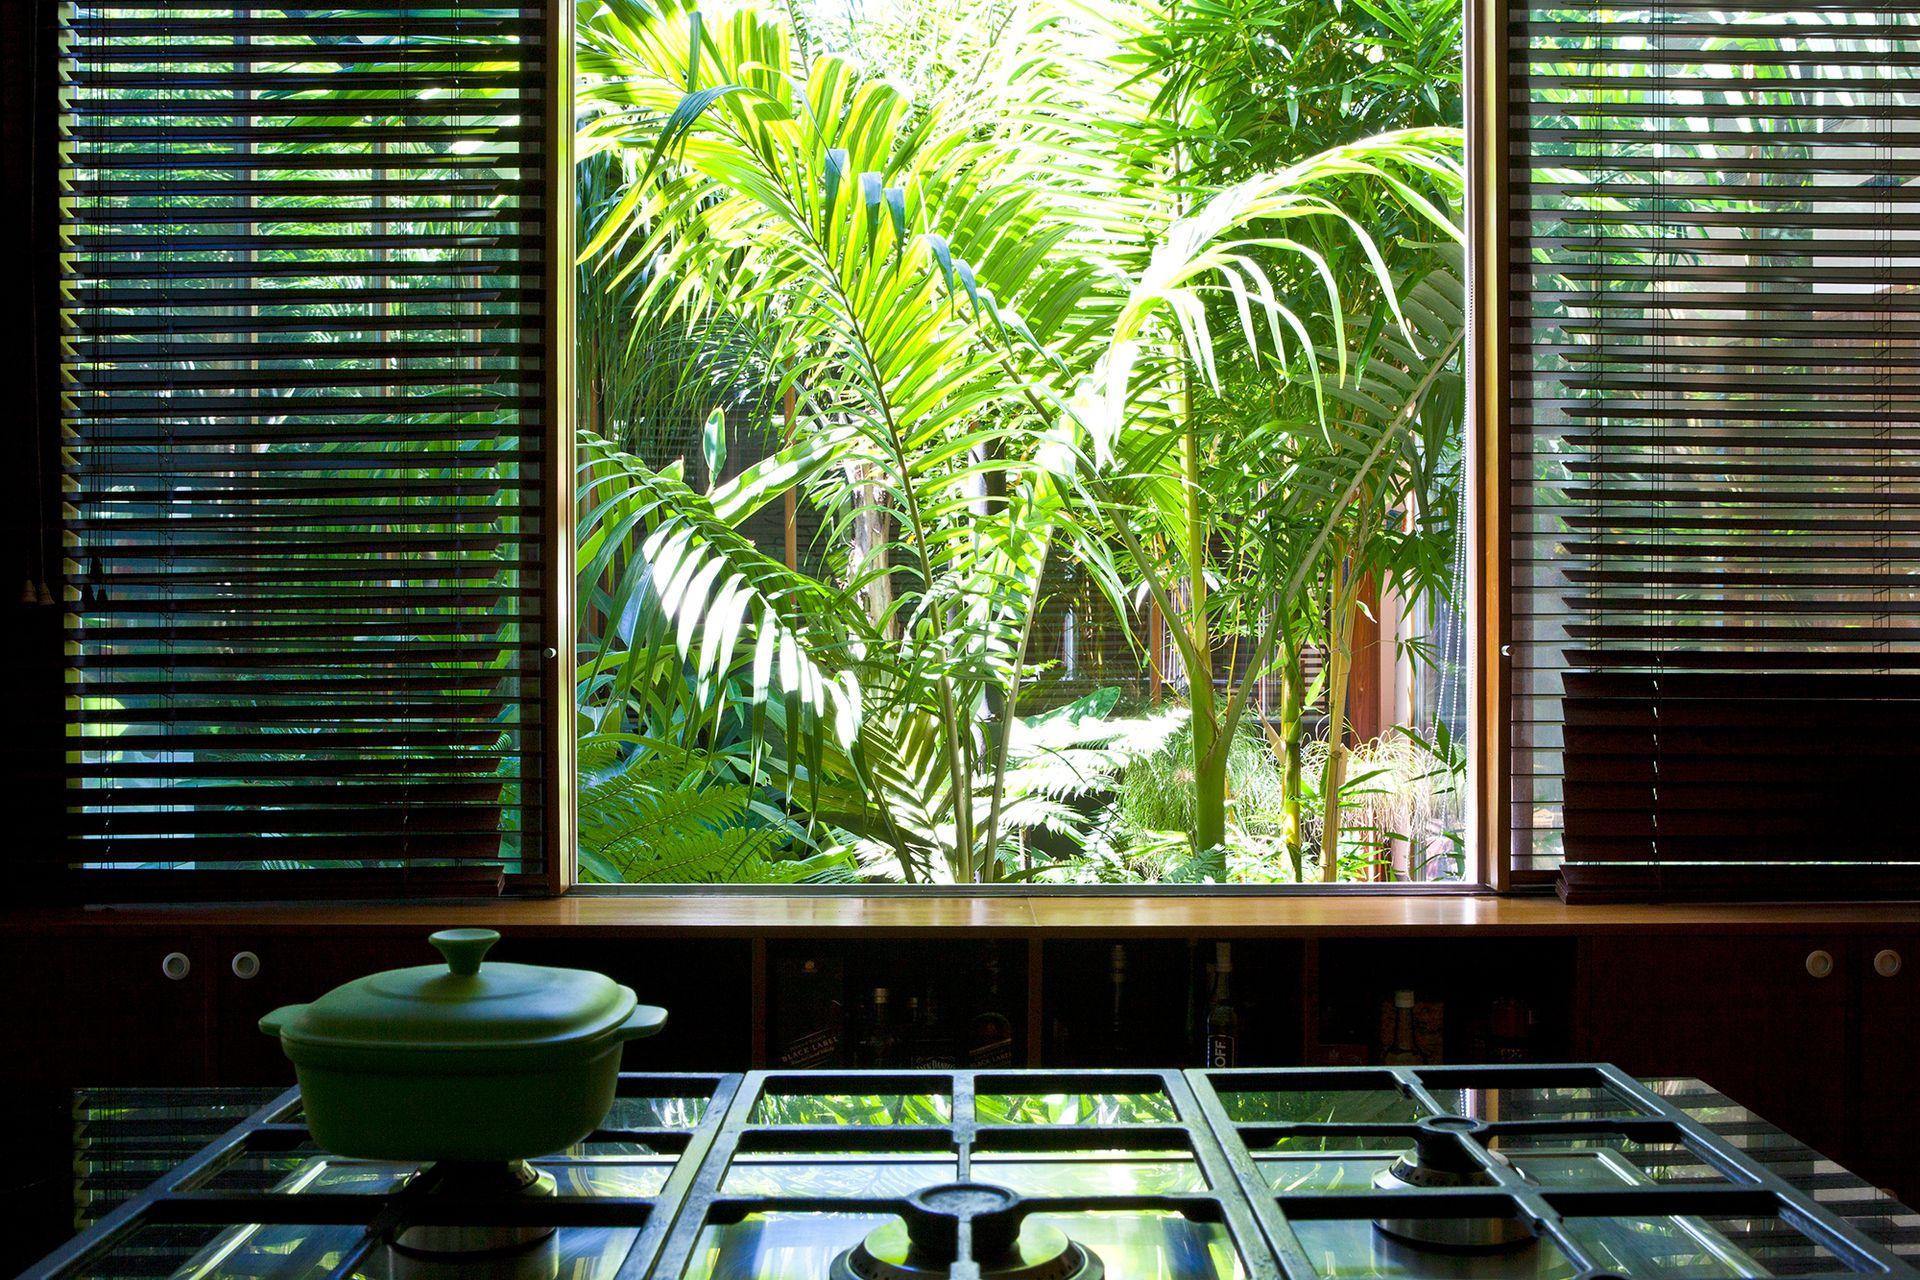 Ventanas corredizas se abren francamente al patio interior diseñado por el paisajista Daniel Mamani, desde el que se asoman palmeras y helechos arborescentes.